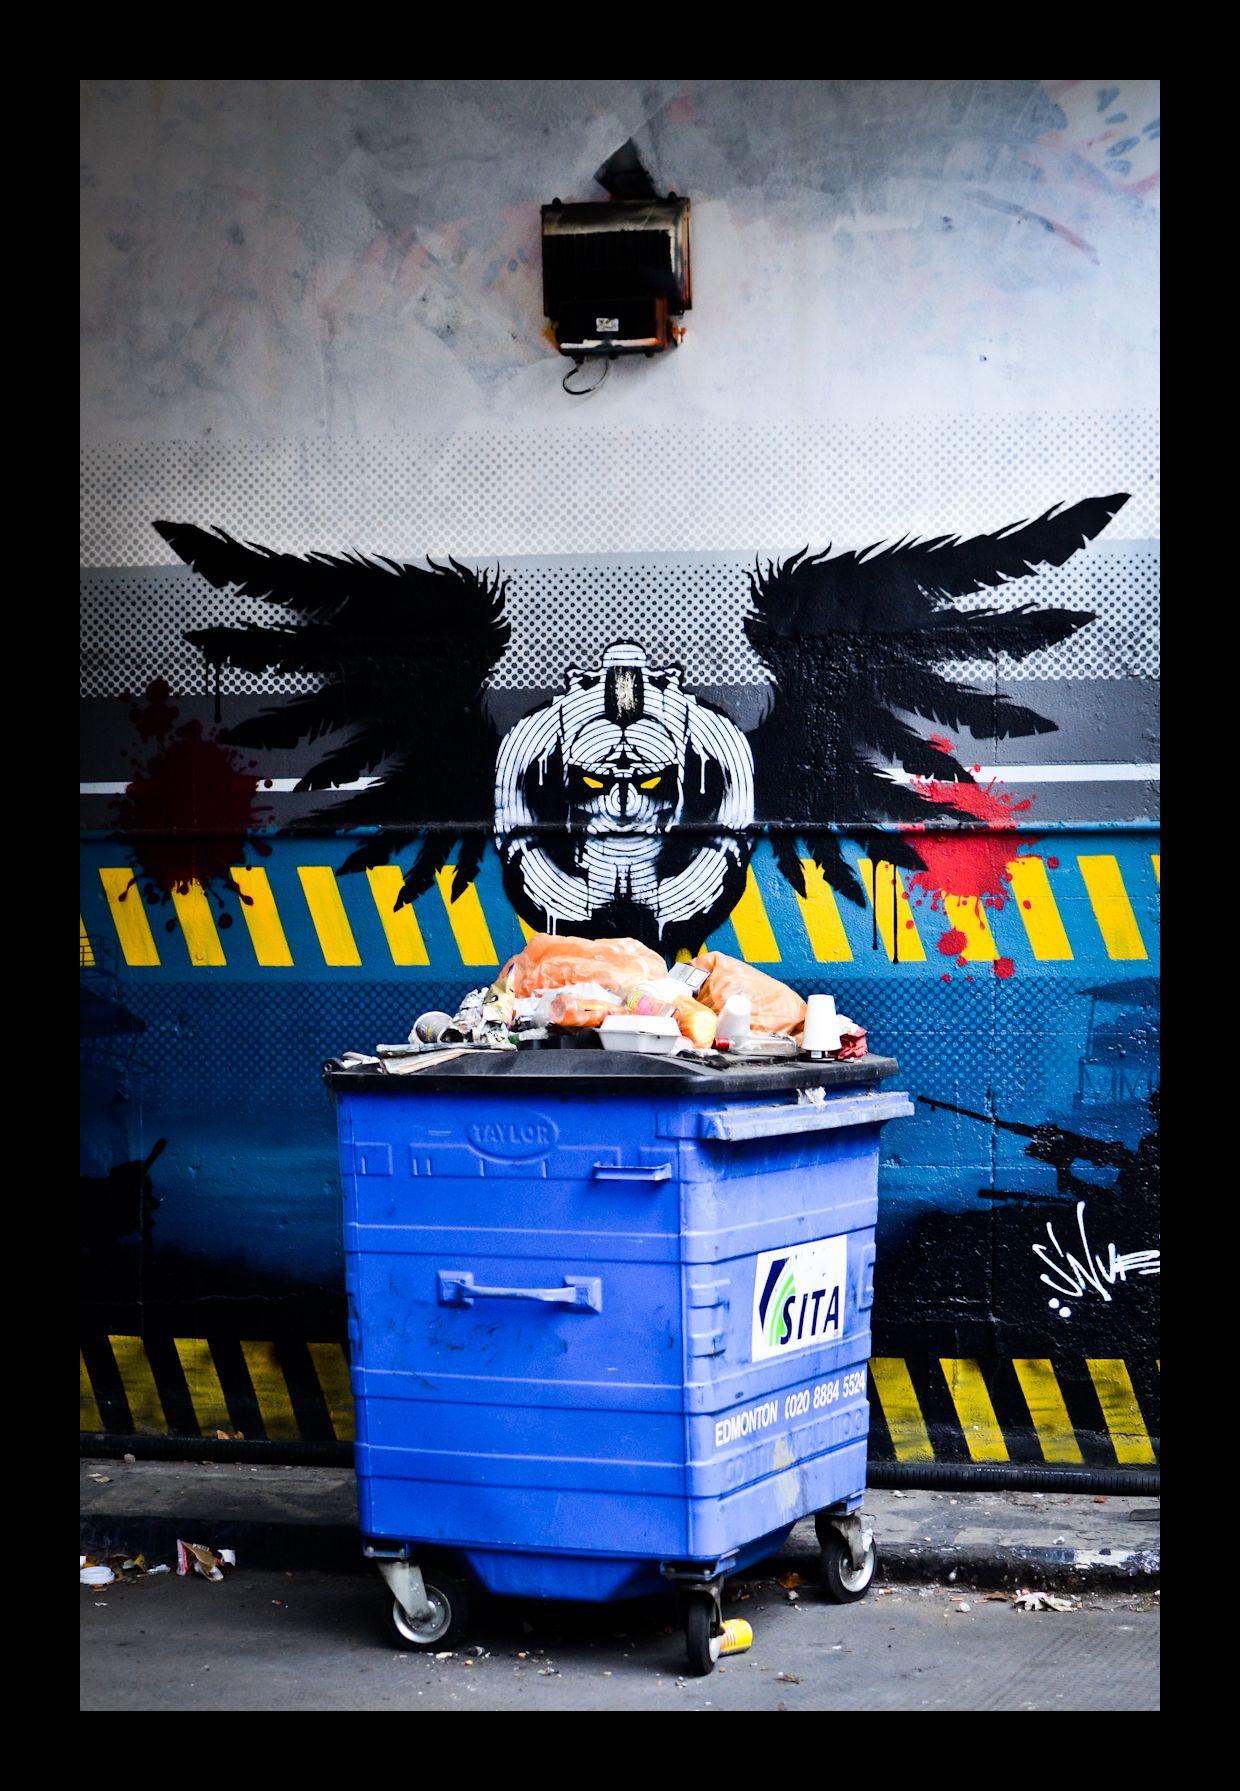 We gots a vulture in Shoreditch, feeding on binz.